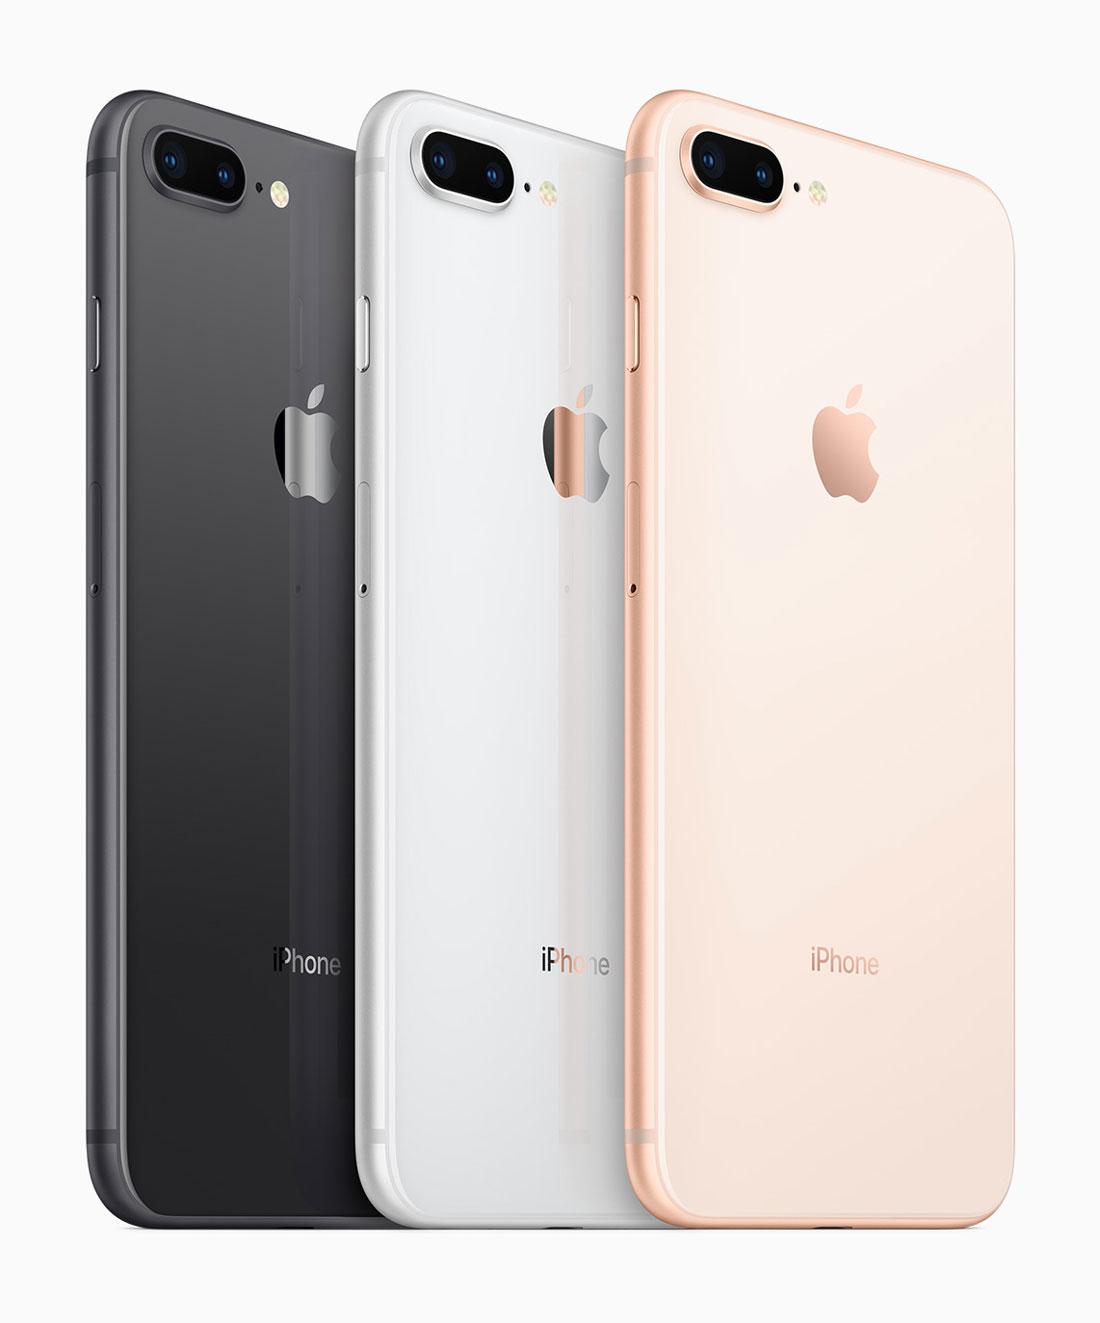 Le smartphone à double capteur optique Apple iPhone 8 Plus.